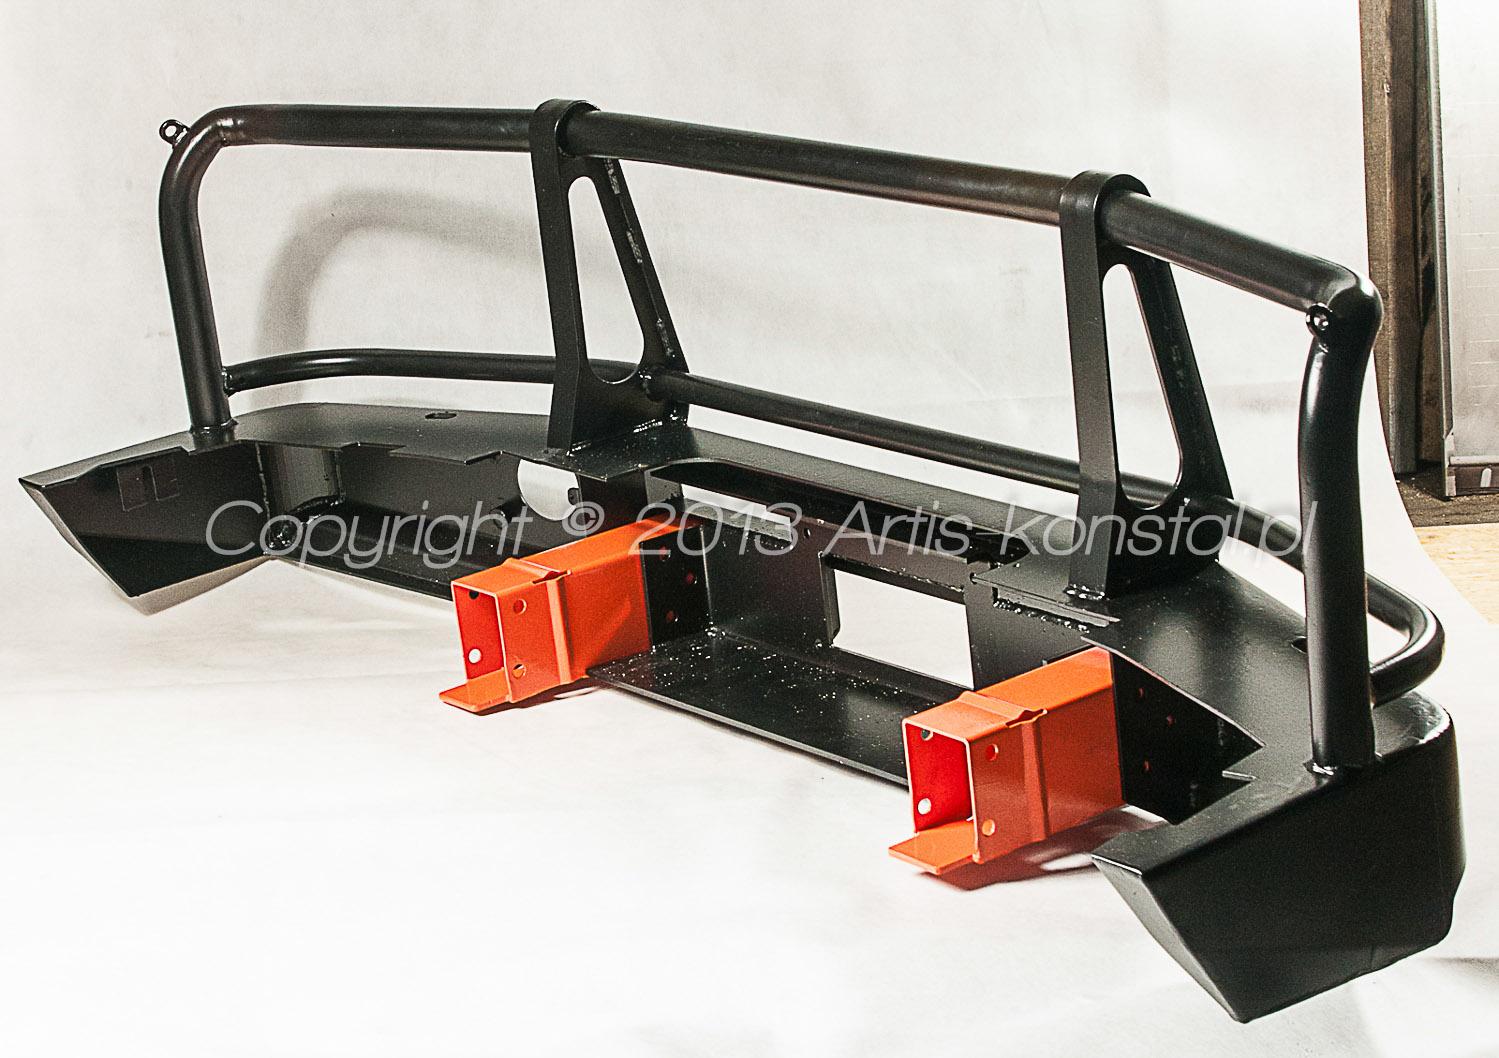 Heavy Front Bumper : Heavy duty front bumper artis